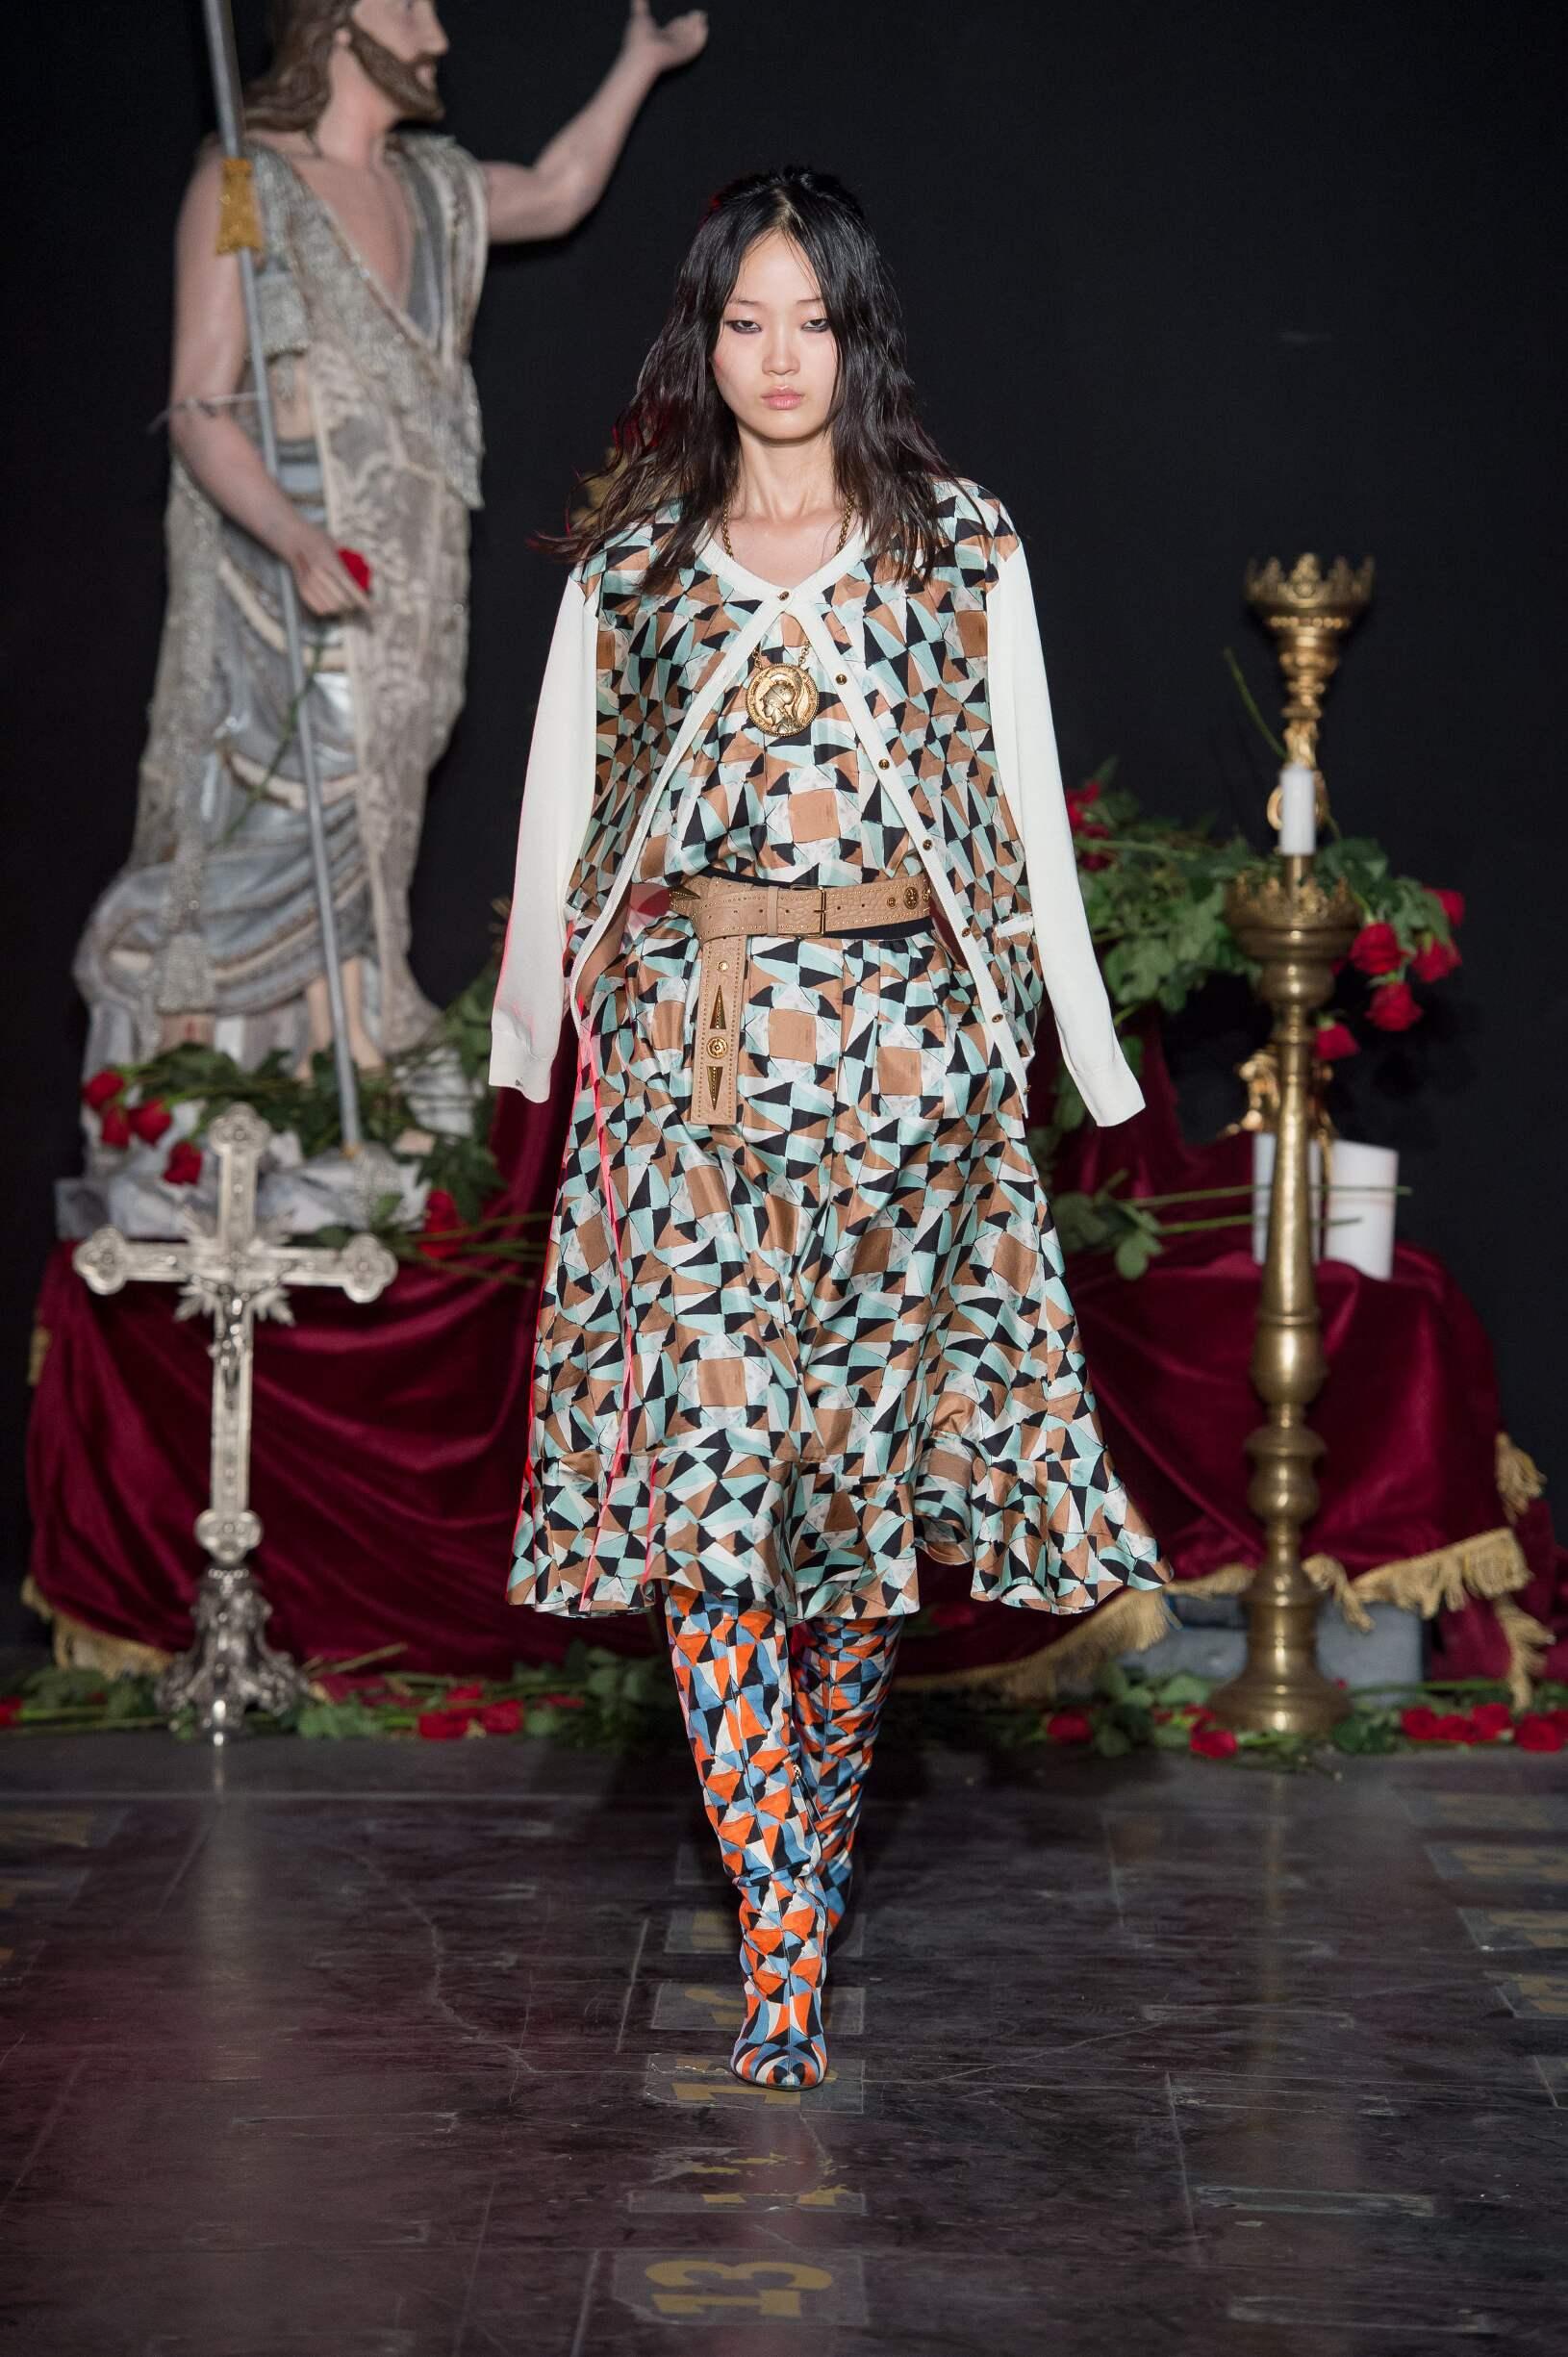 Spring 2017 Fashion Trends Fausto Puglisi